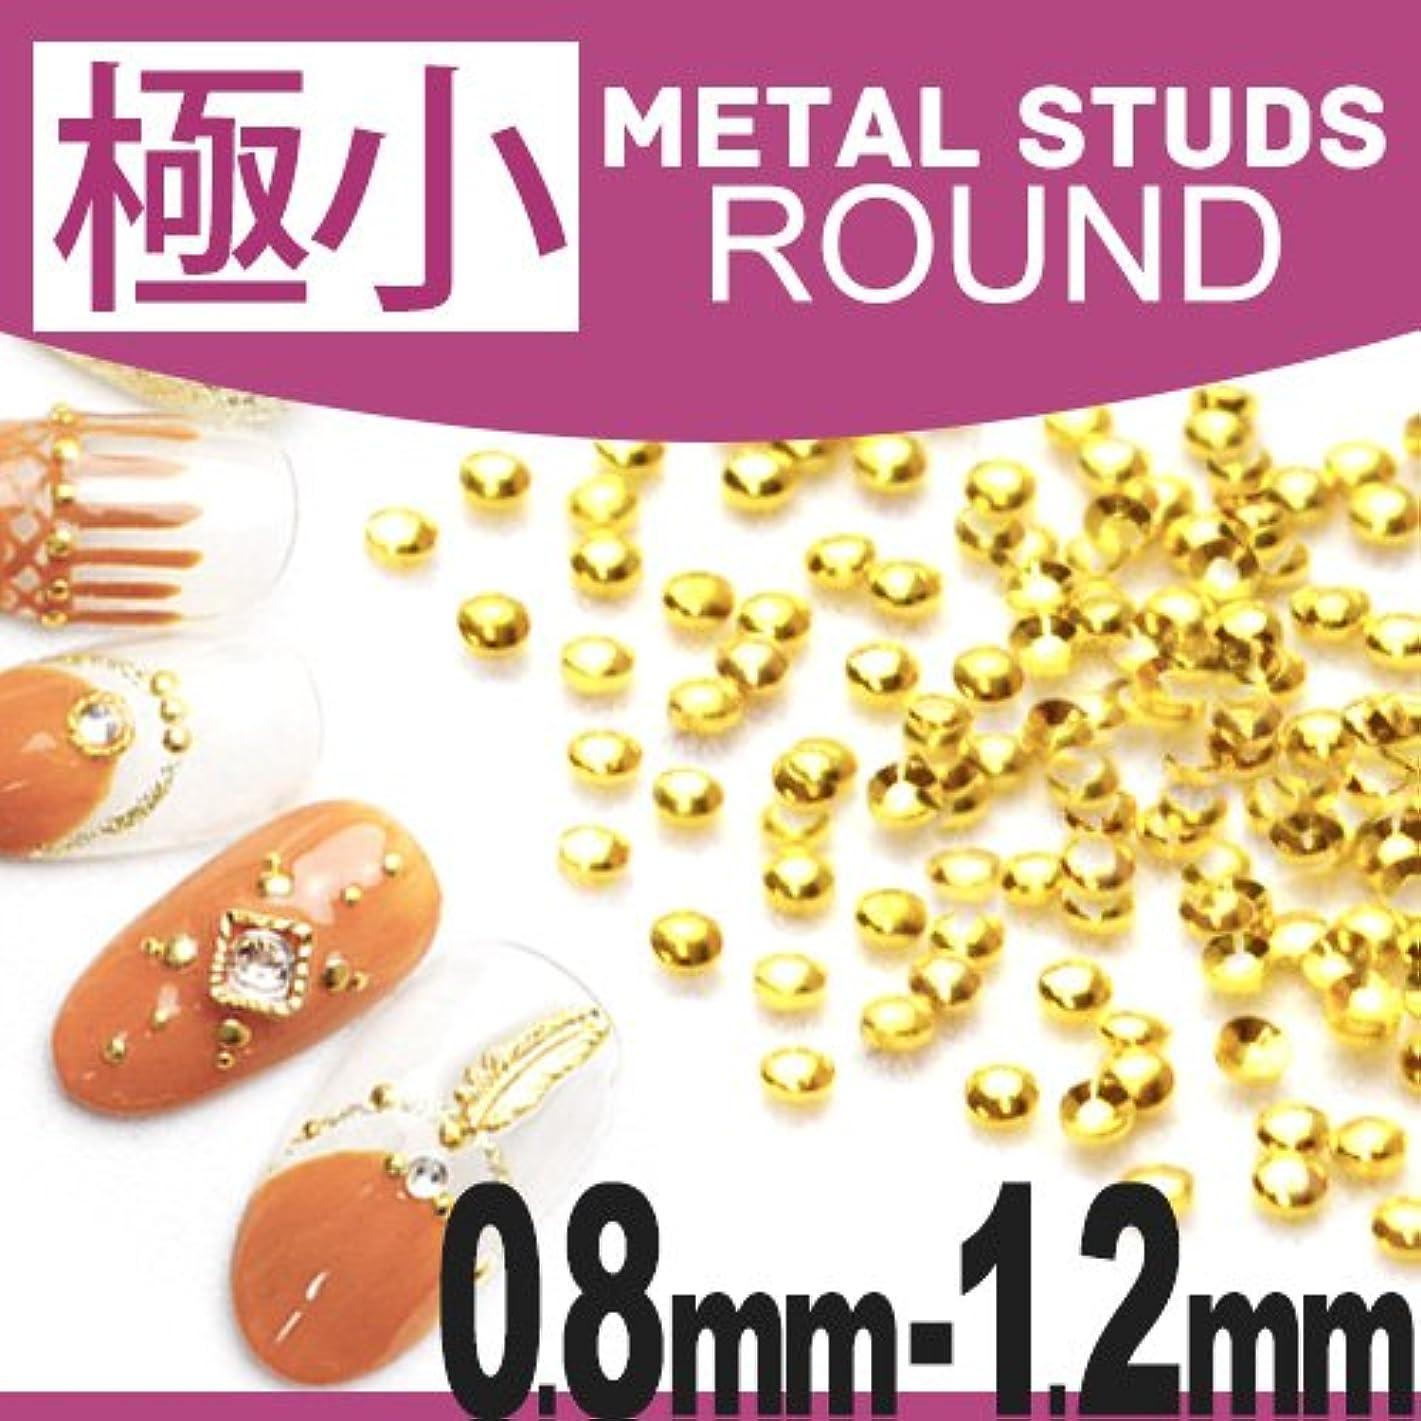 目的珍味うまくやる()極小ラウンドメタルスタッズ 1.0mm[ゴールド] メタルパーツ ジェルネイル